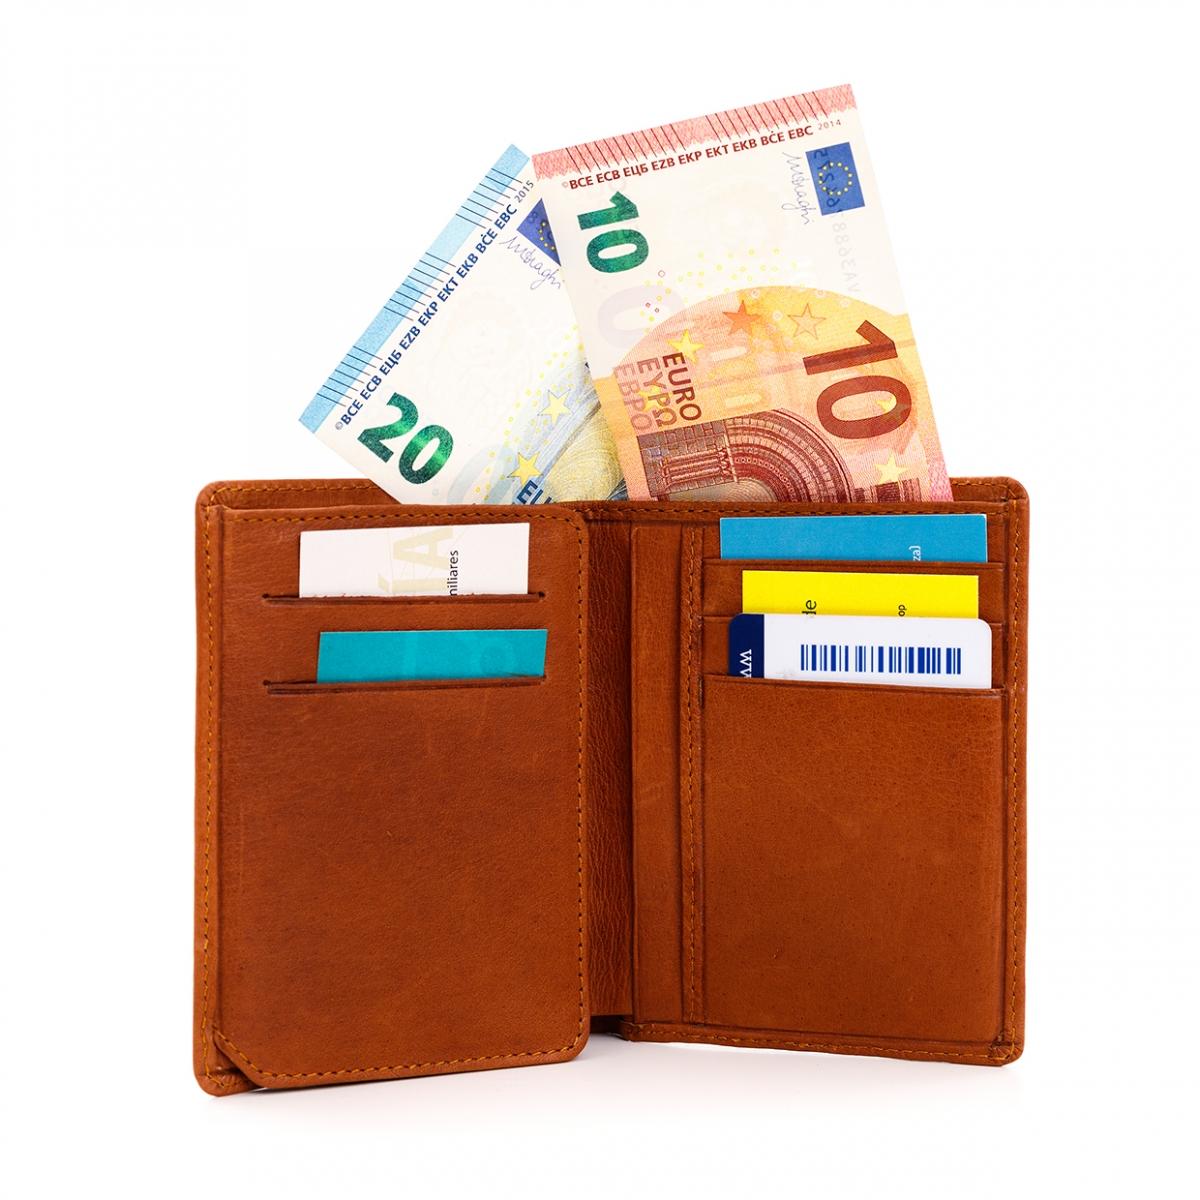 Imagen en la que se ve una cartera de bolsillo